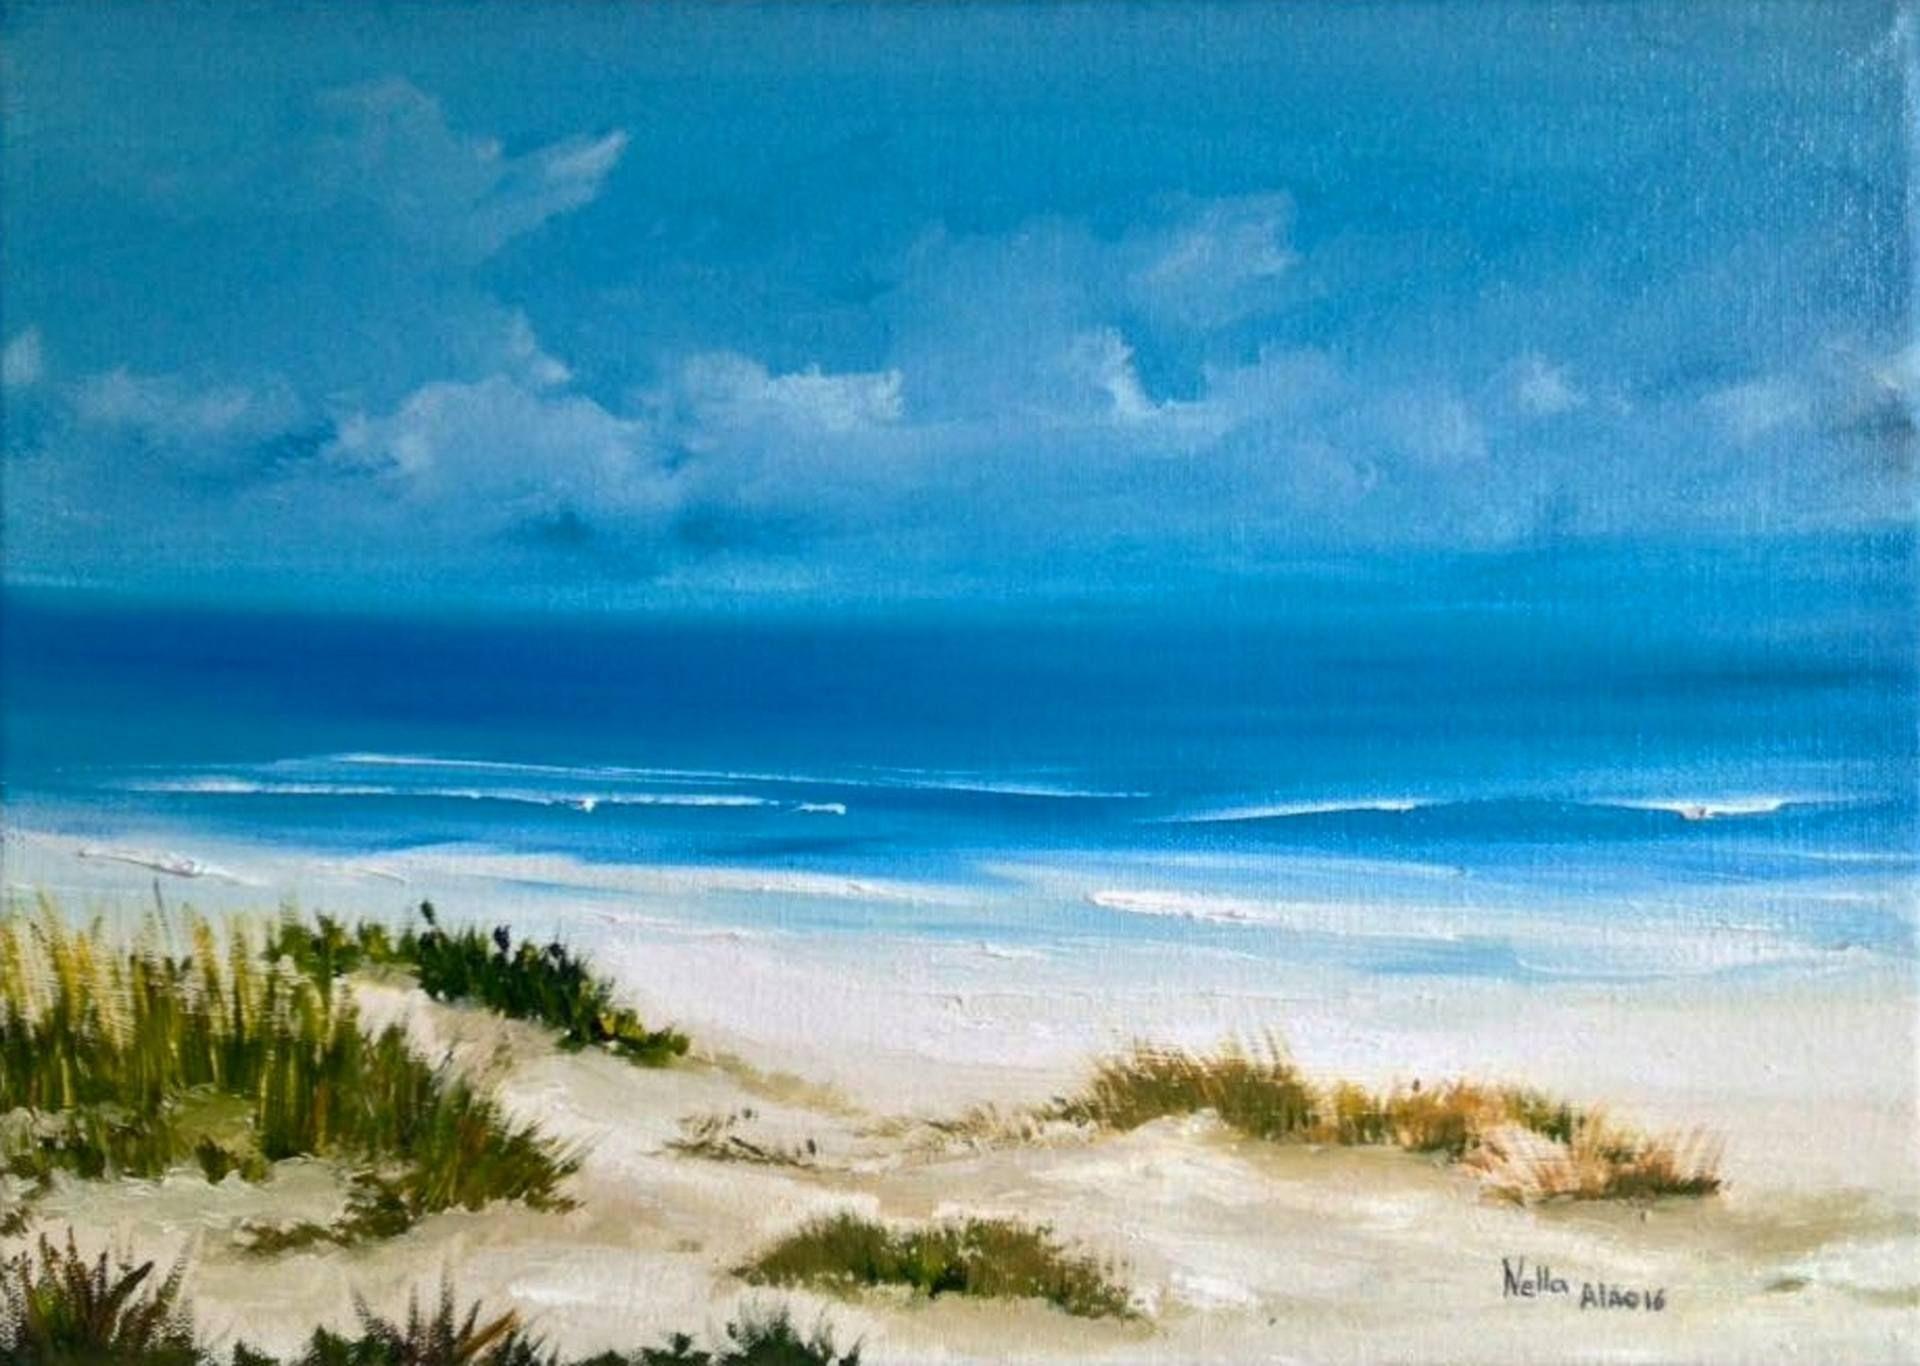 Dunes Painting Ocean Paintings On Canvas Ocean Painting Aesthetic Painting